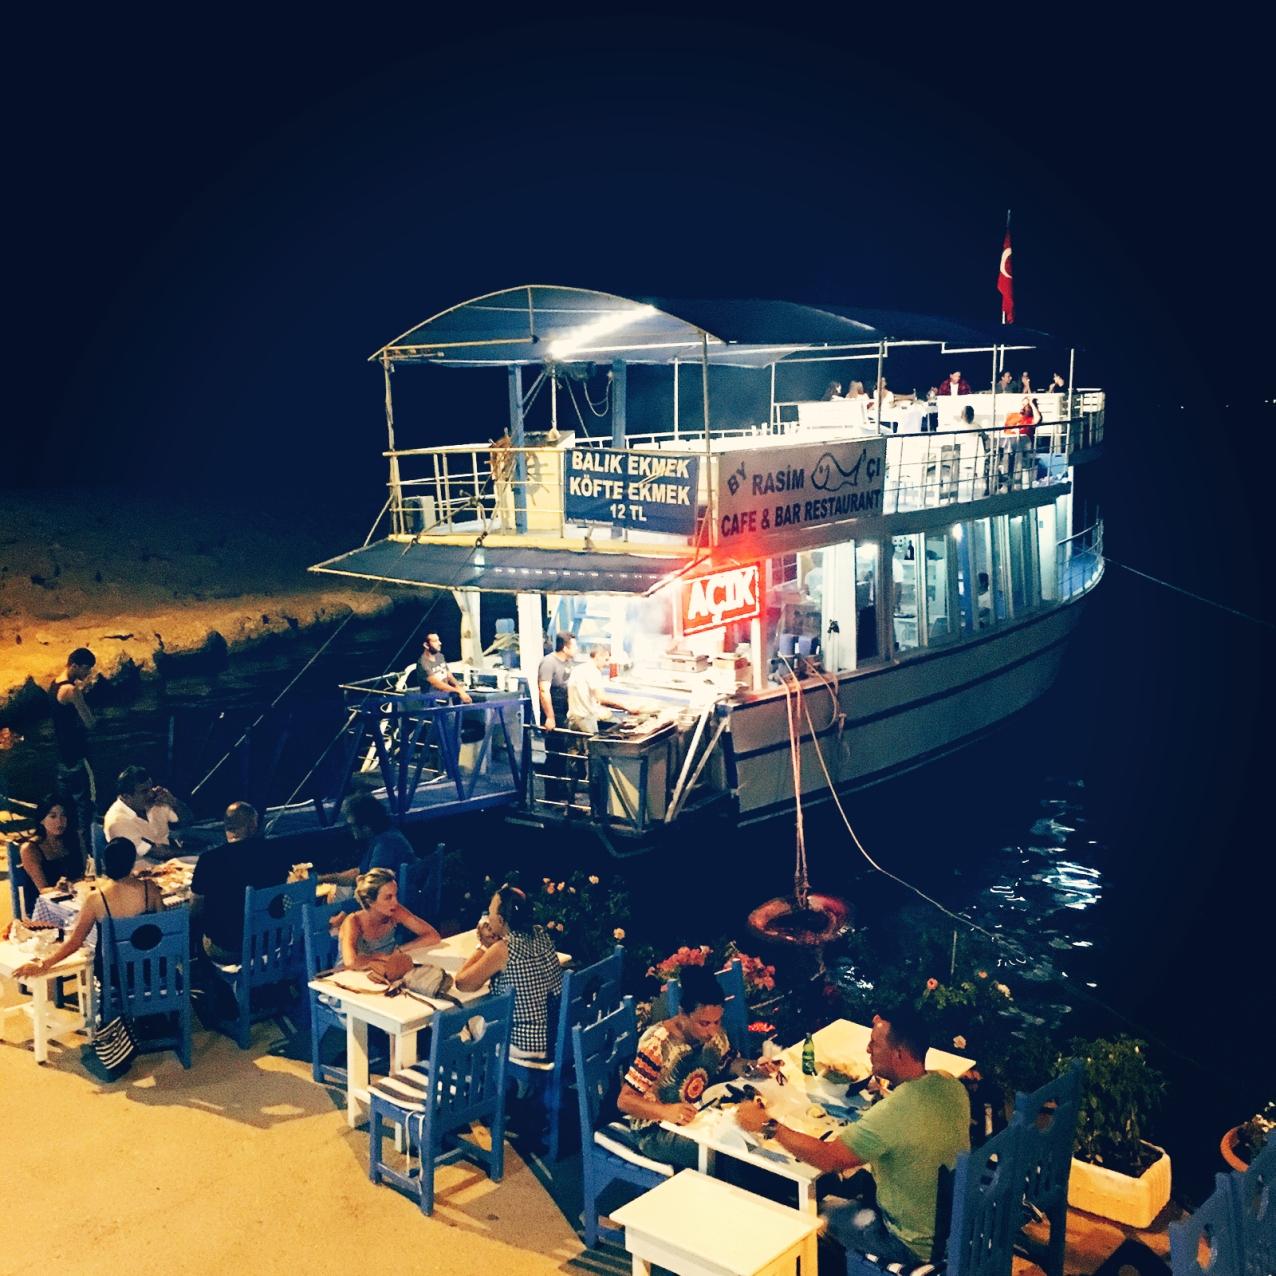 Wer Lust hat, kann direkt am Hafen Fisch essen. © katrin-lars.net